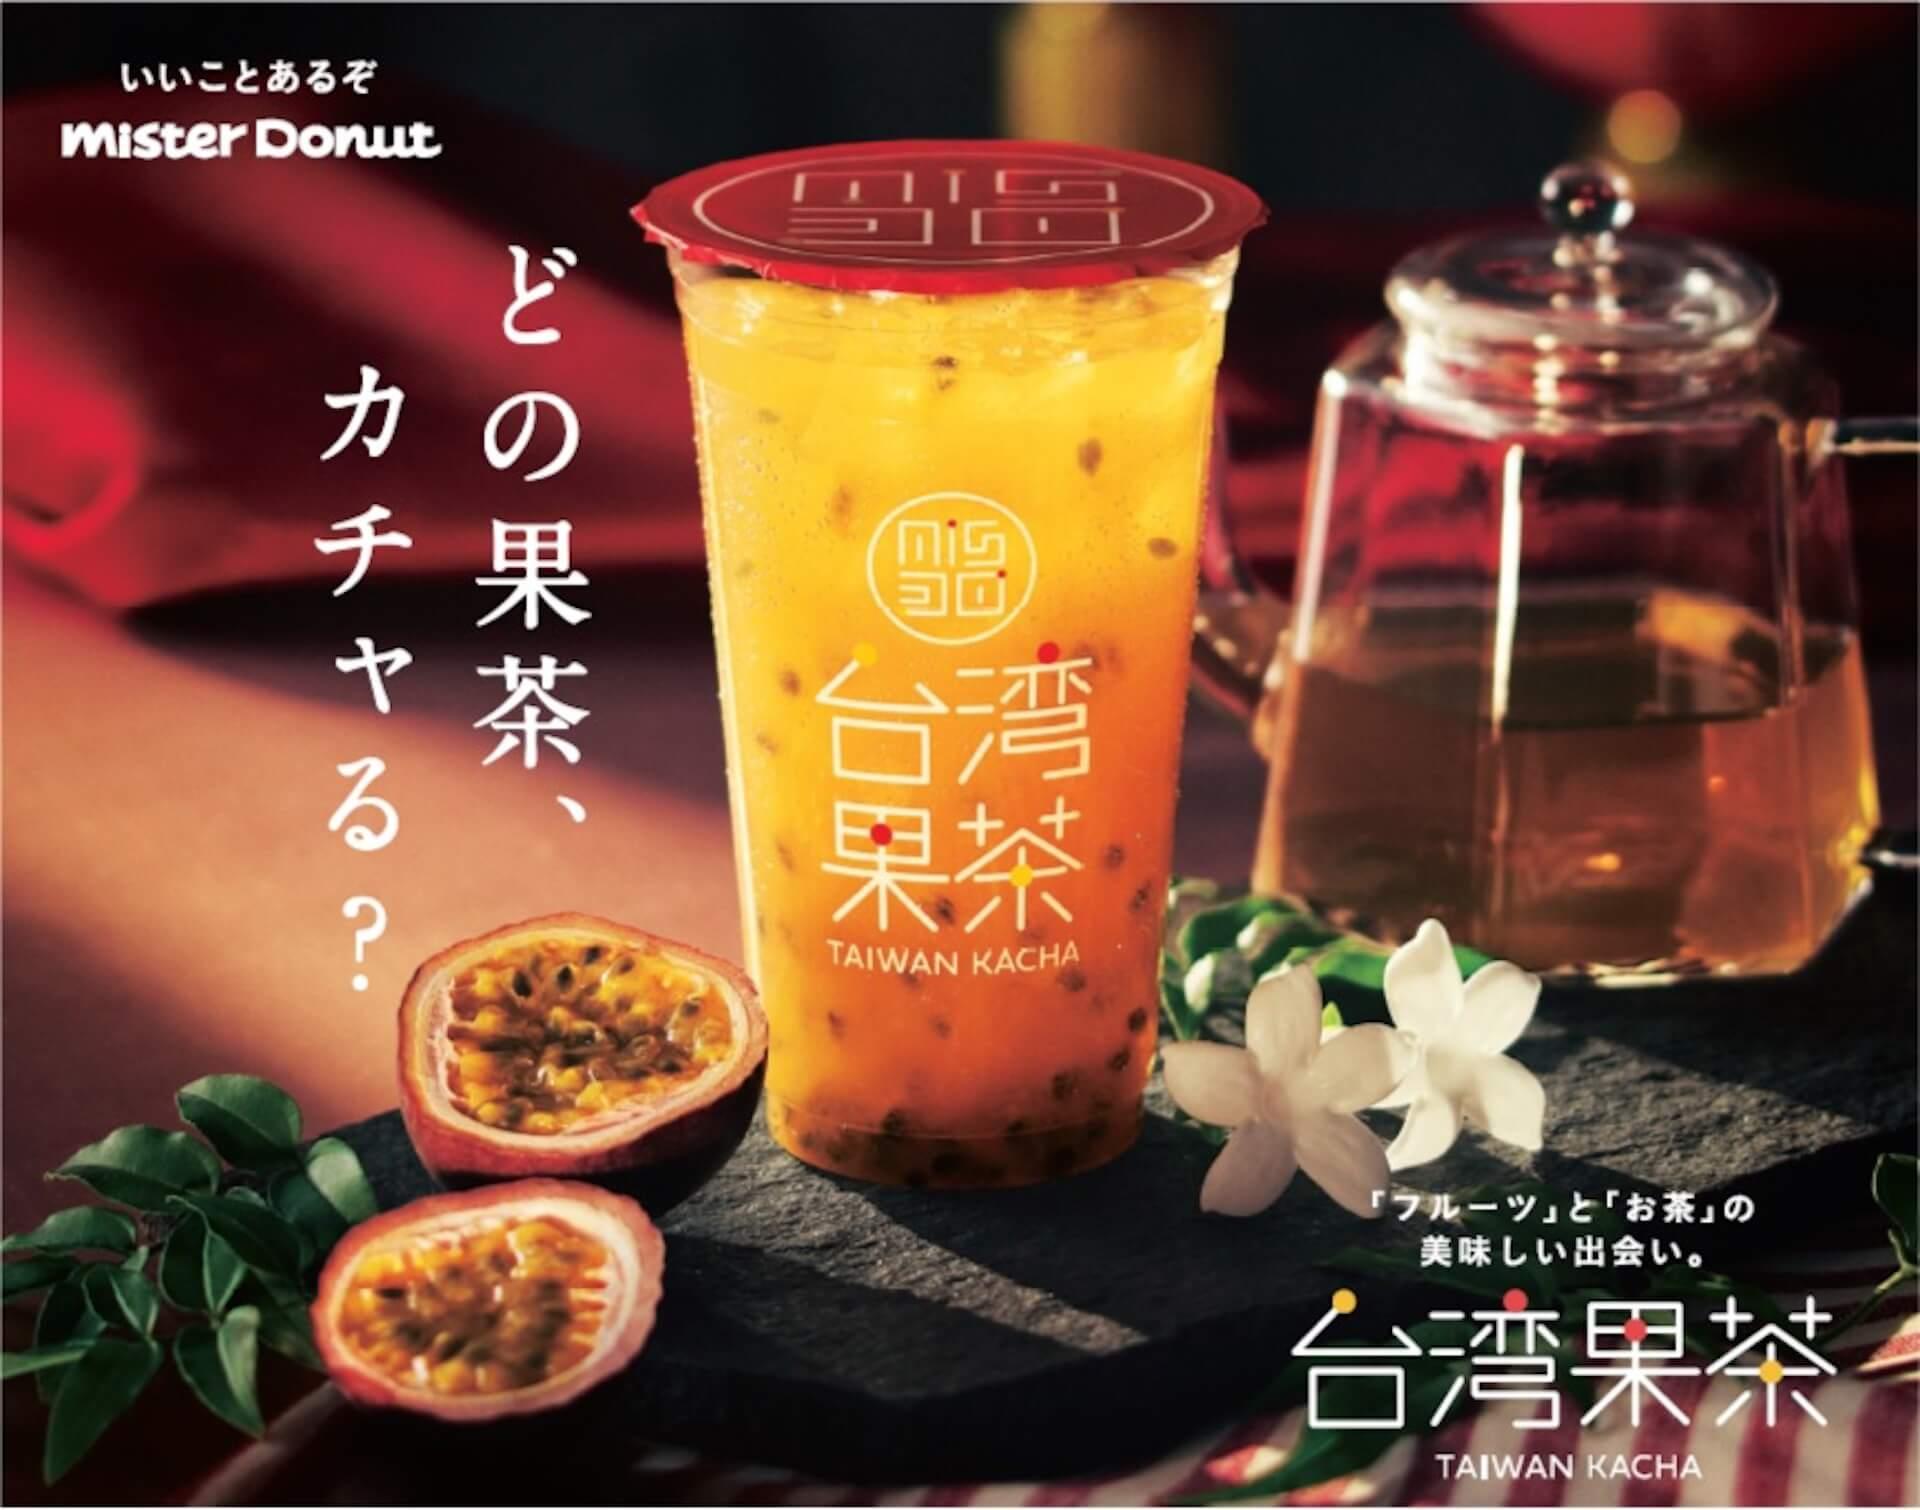 """ミスドから""""カチャカチャ""""振って飲むフルーツティ「台湾果茶」期間限定販売!ギフトチケット(ギフティ)1,000円分がもらえるキャンペーンも実施 gourmet210423_misterdonut-210423_1"""